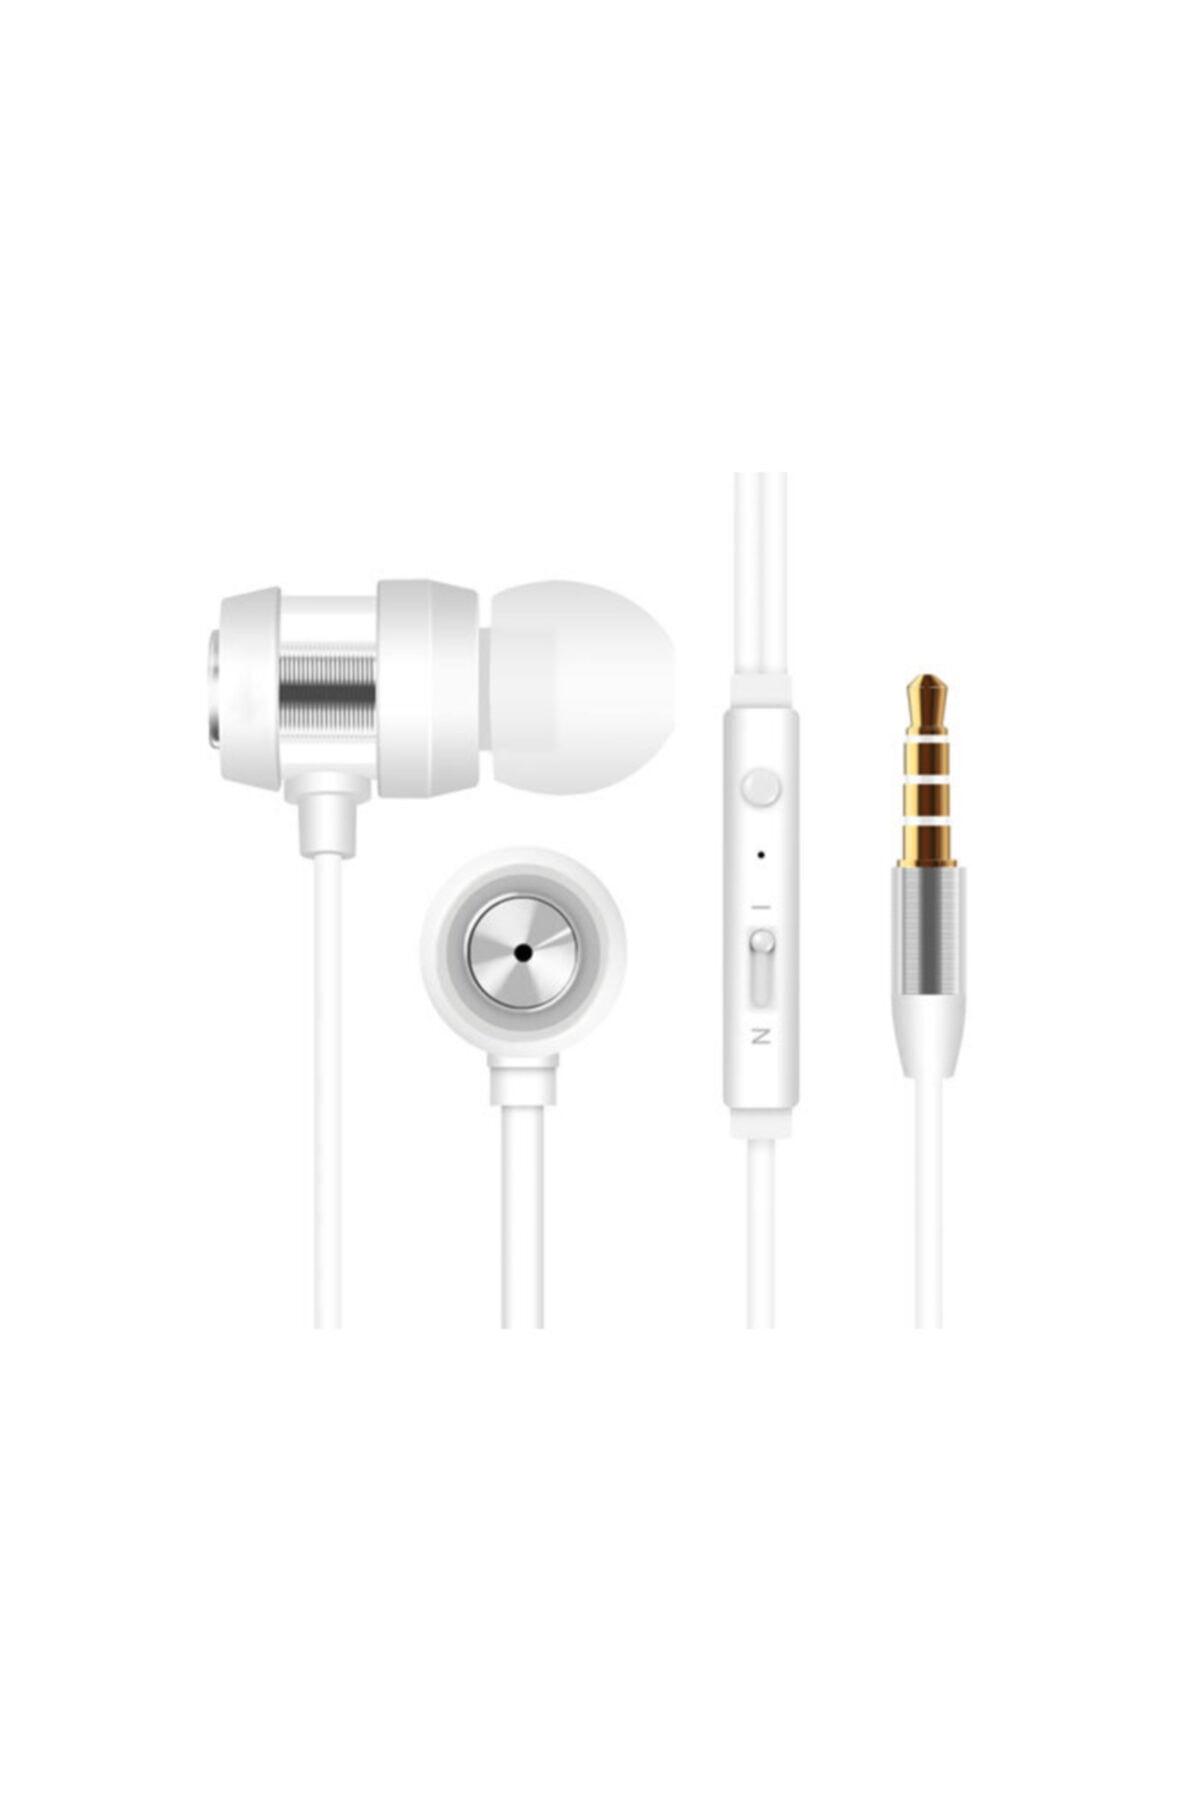 Snopy Sn-j01 Telefon Uyumlu Kulakiçi Beyaz/gümüş Mikrofonlu Kulaklık 1